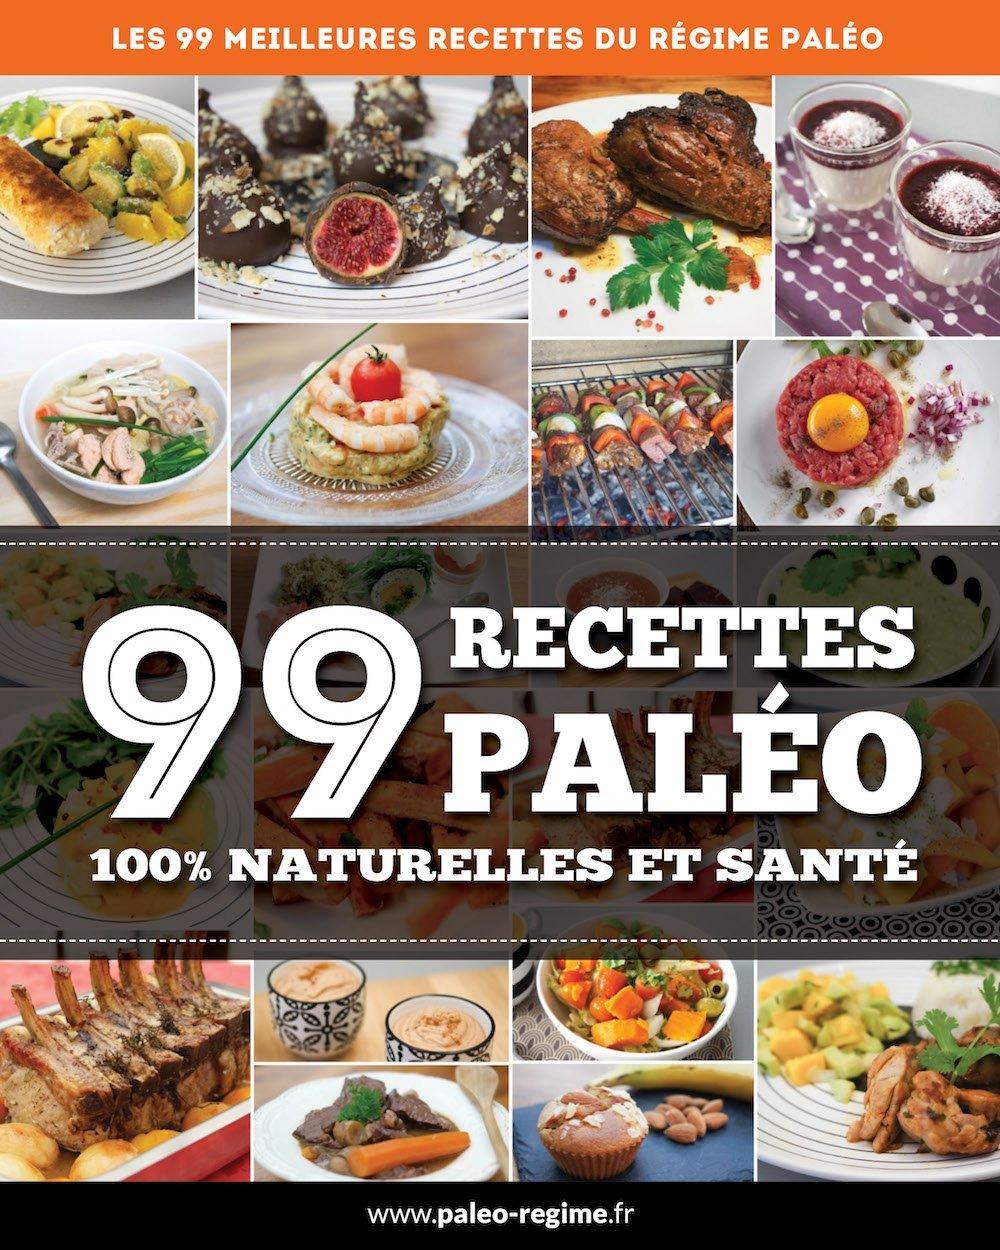 99 Recettes Paléo : 100% naturelles et santé